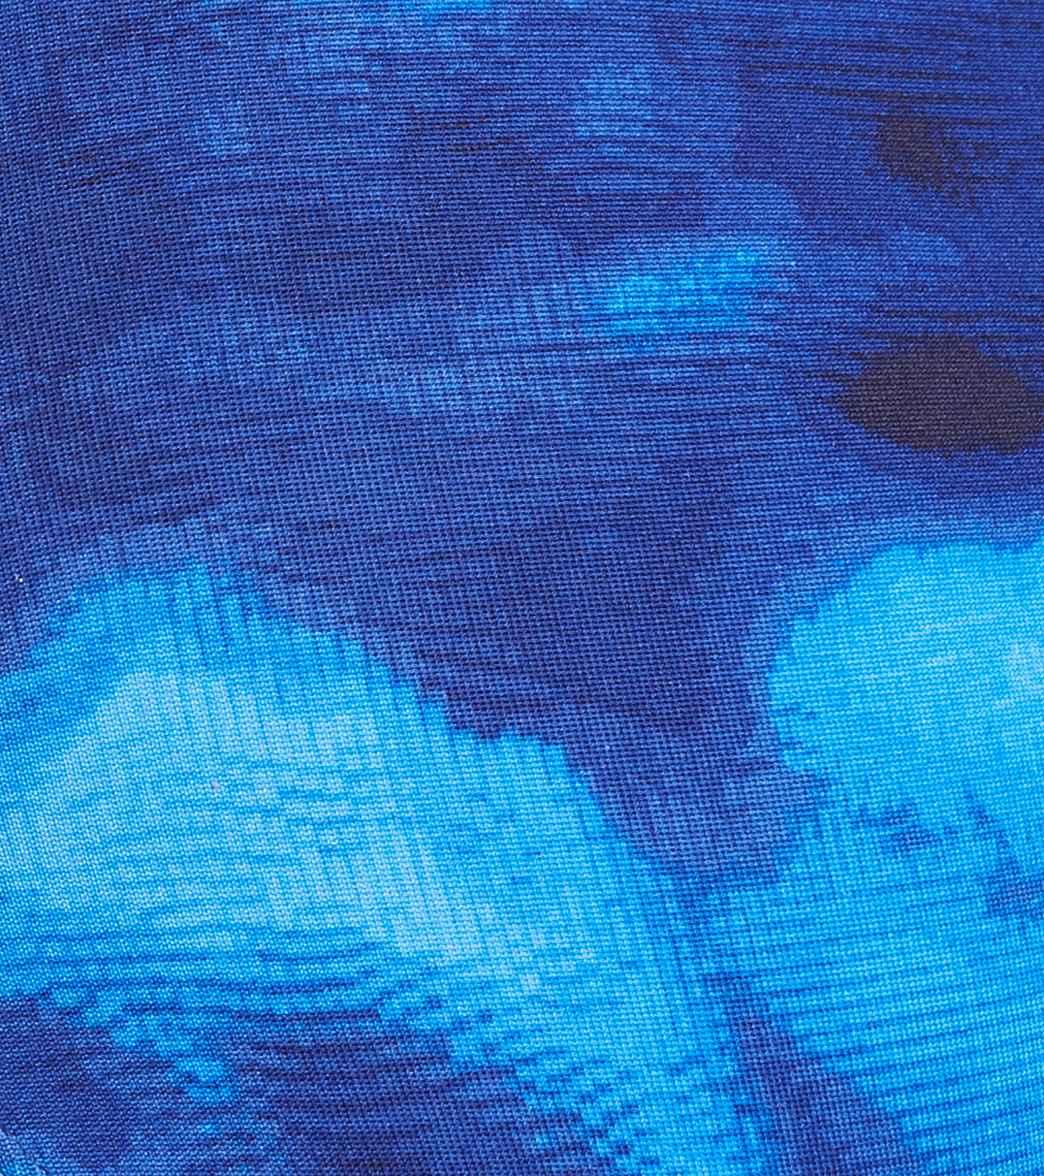 bd8d2f27337a Nike Men s Cloud Brief Swimsuit at SwimOutlet.com